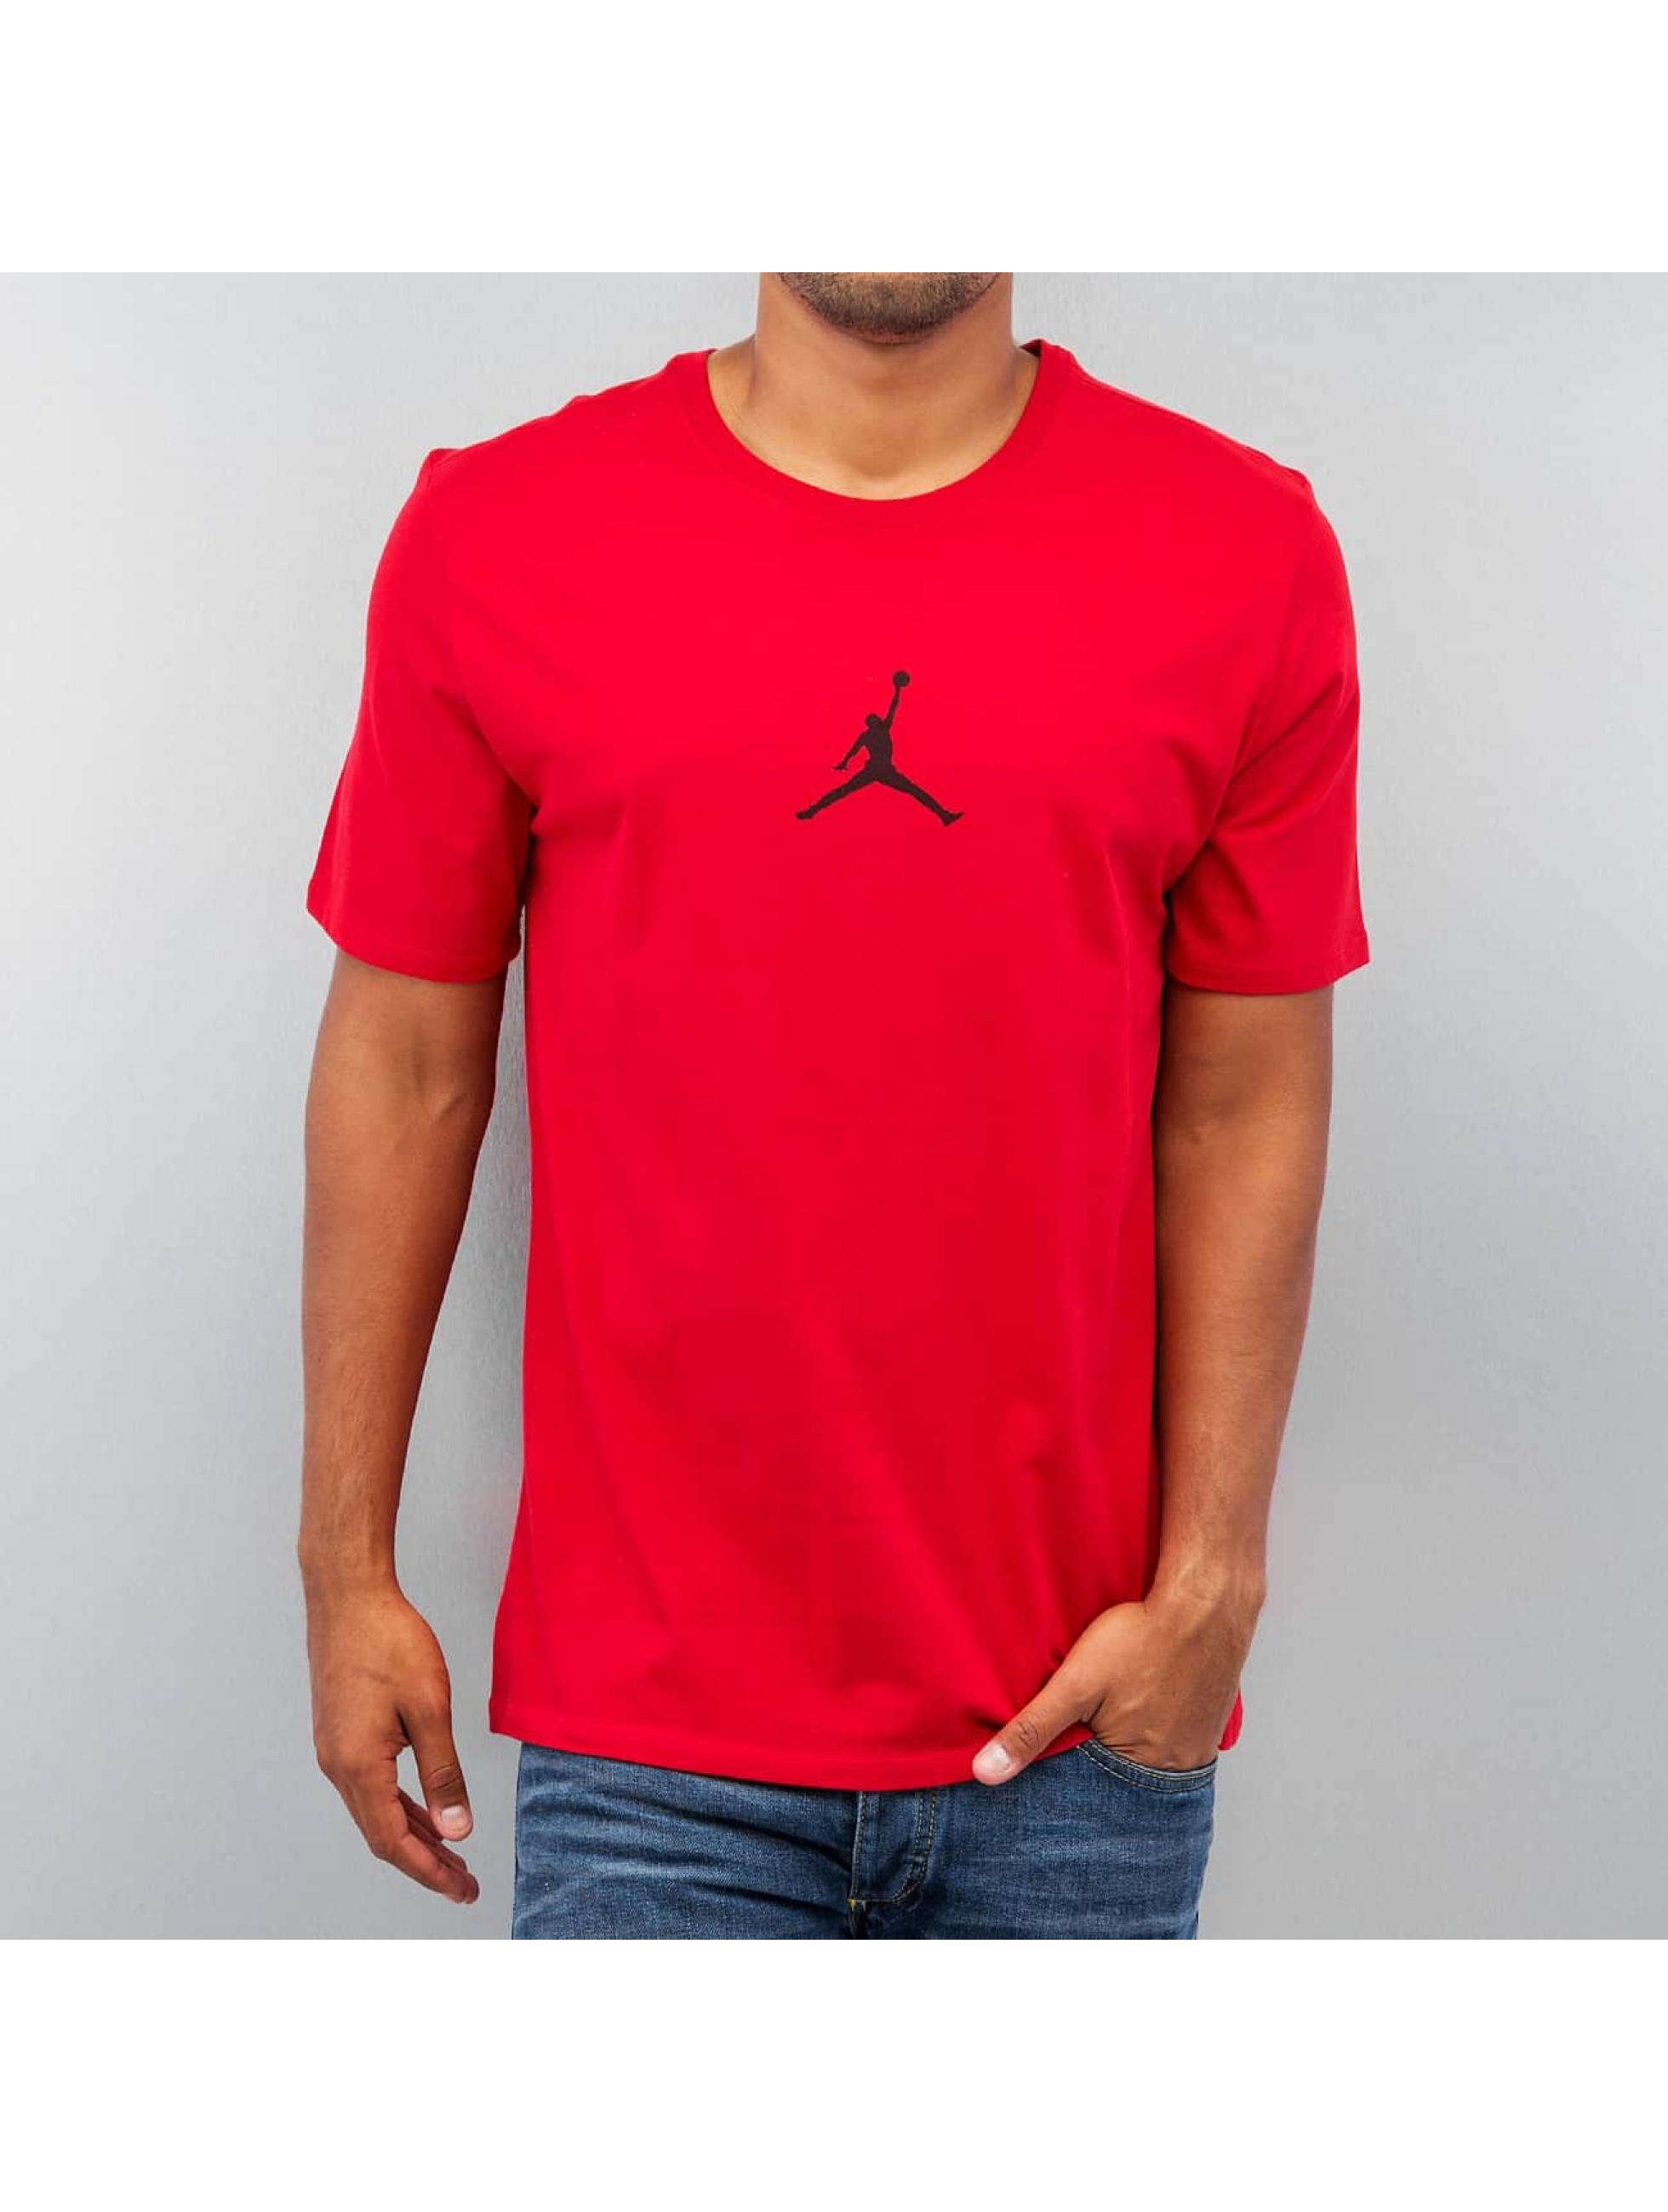 Gimnasio Baños Jordan:Jordan Ropa superiór / Camiseta 24/7 en rojo